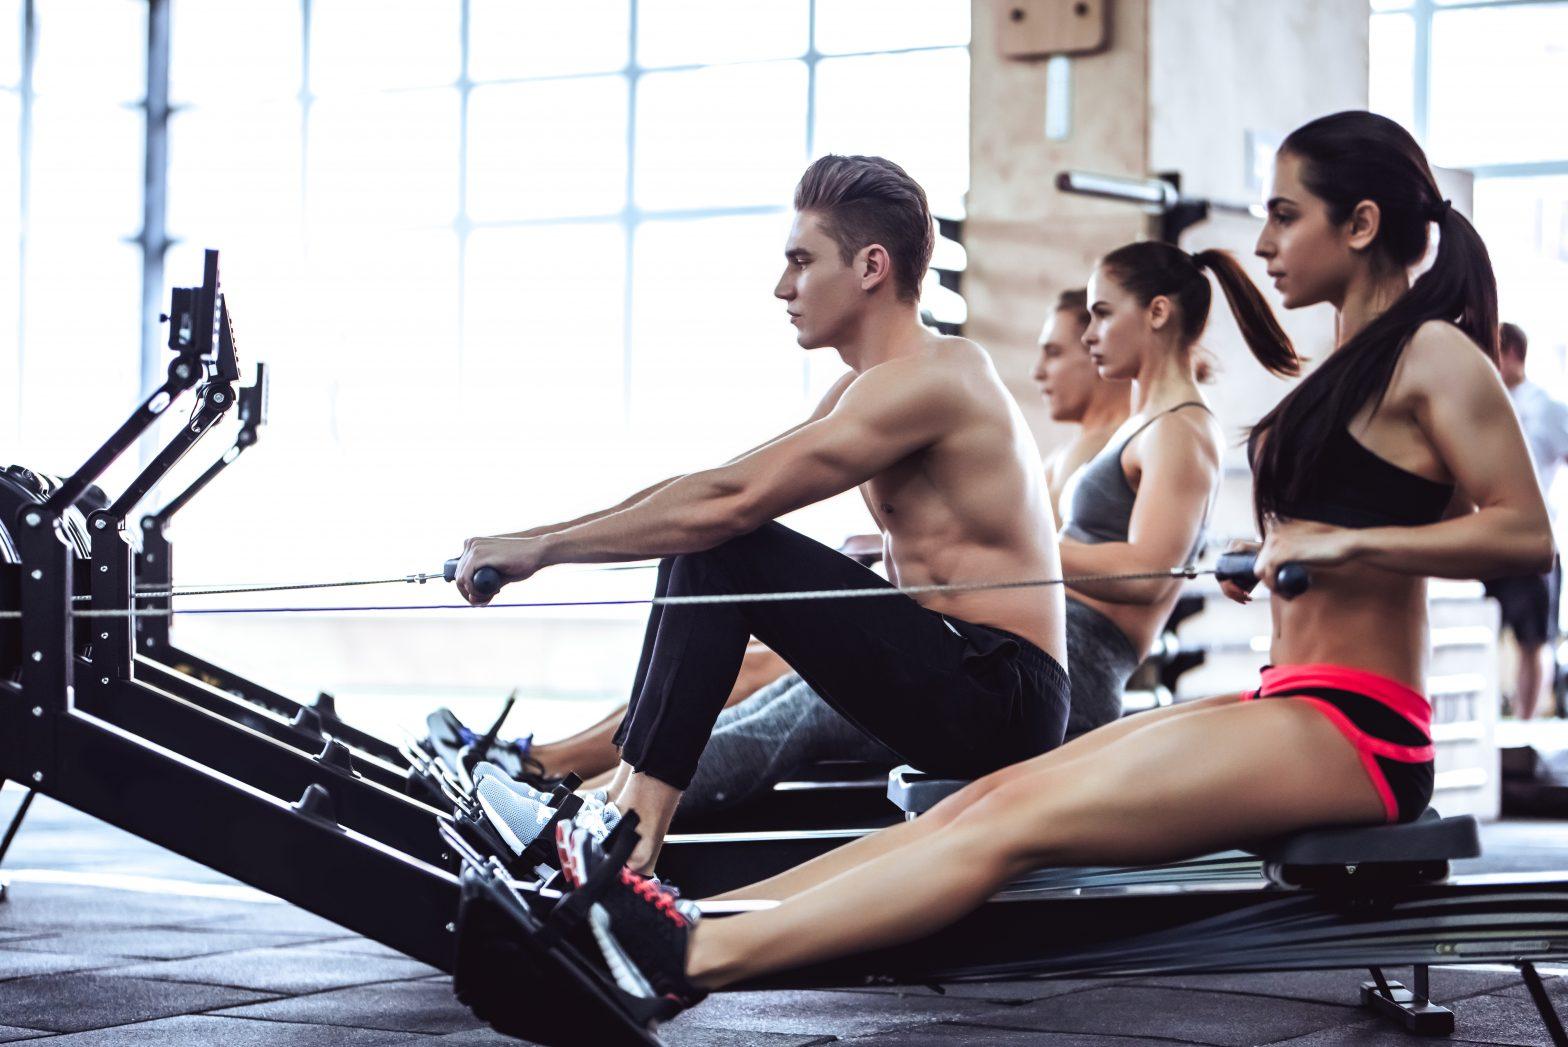 De jeunes gens s'entrainent sur des rameurs dans une salle de sport